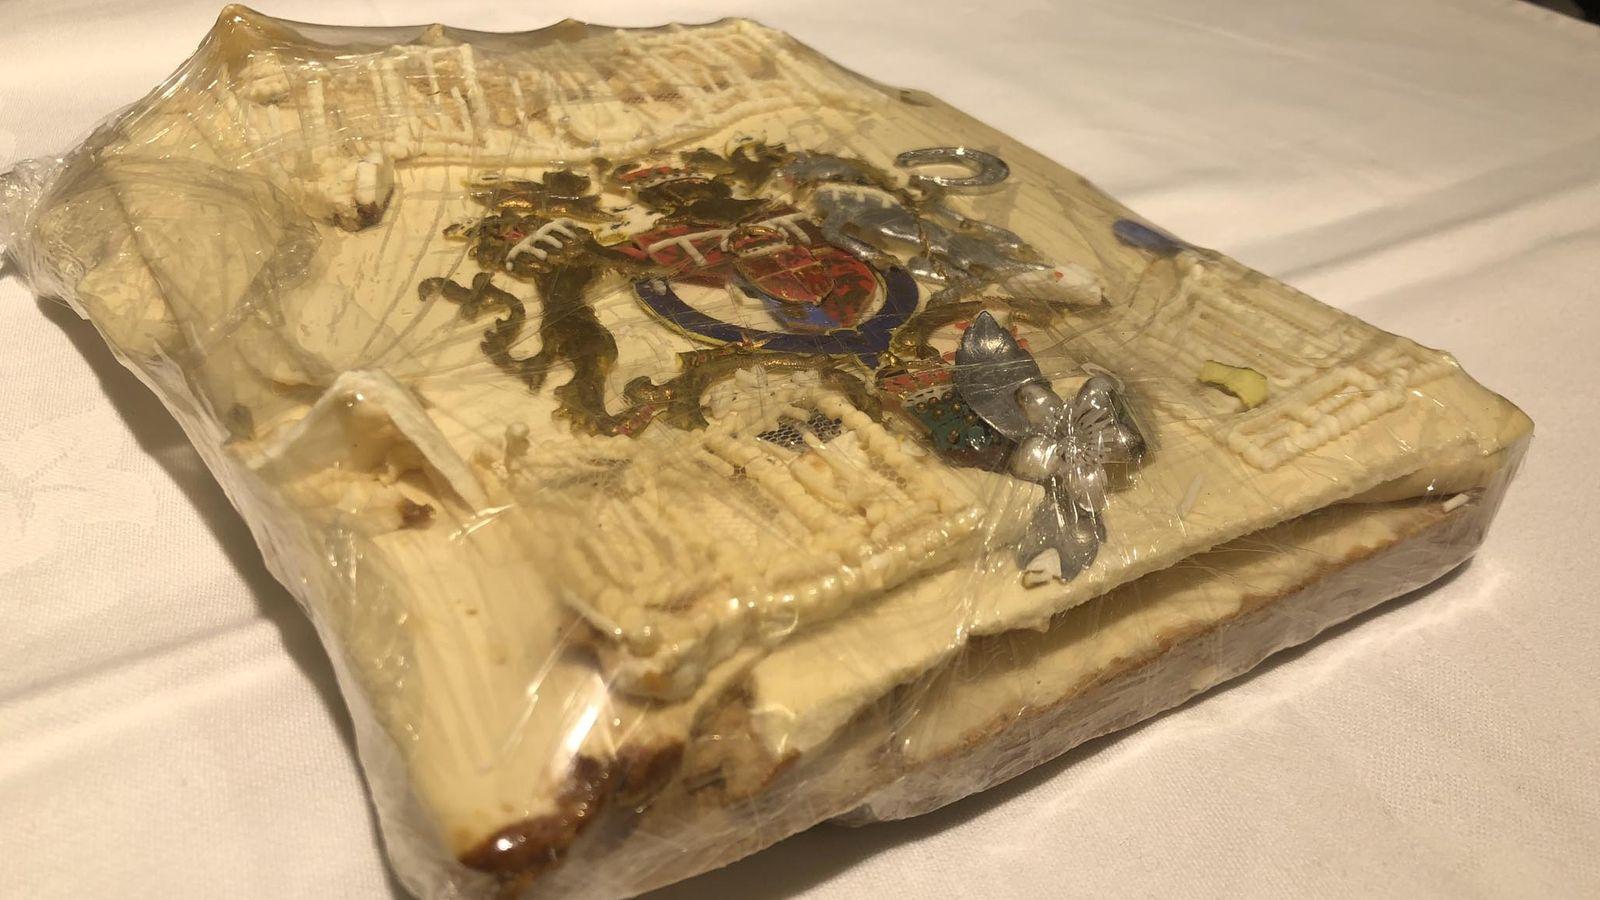 Copa e tortës nga dasma e princeshës Diana, shitet për më shumë se 2.000 mijë €